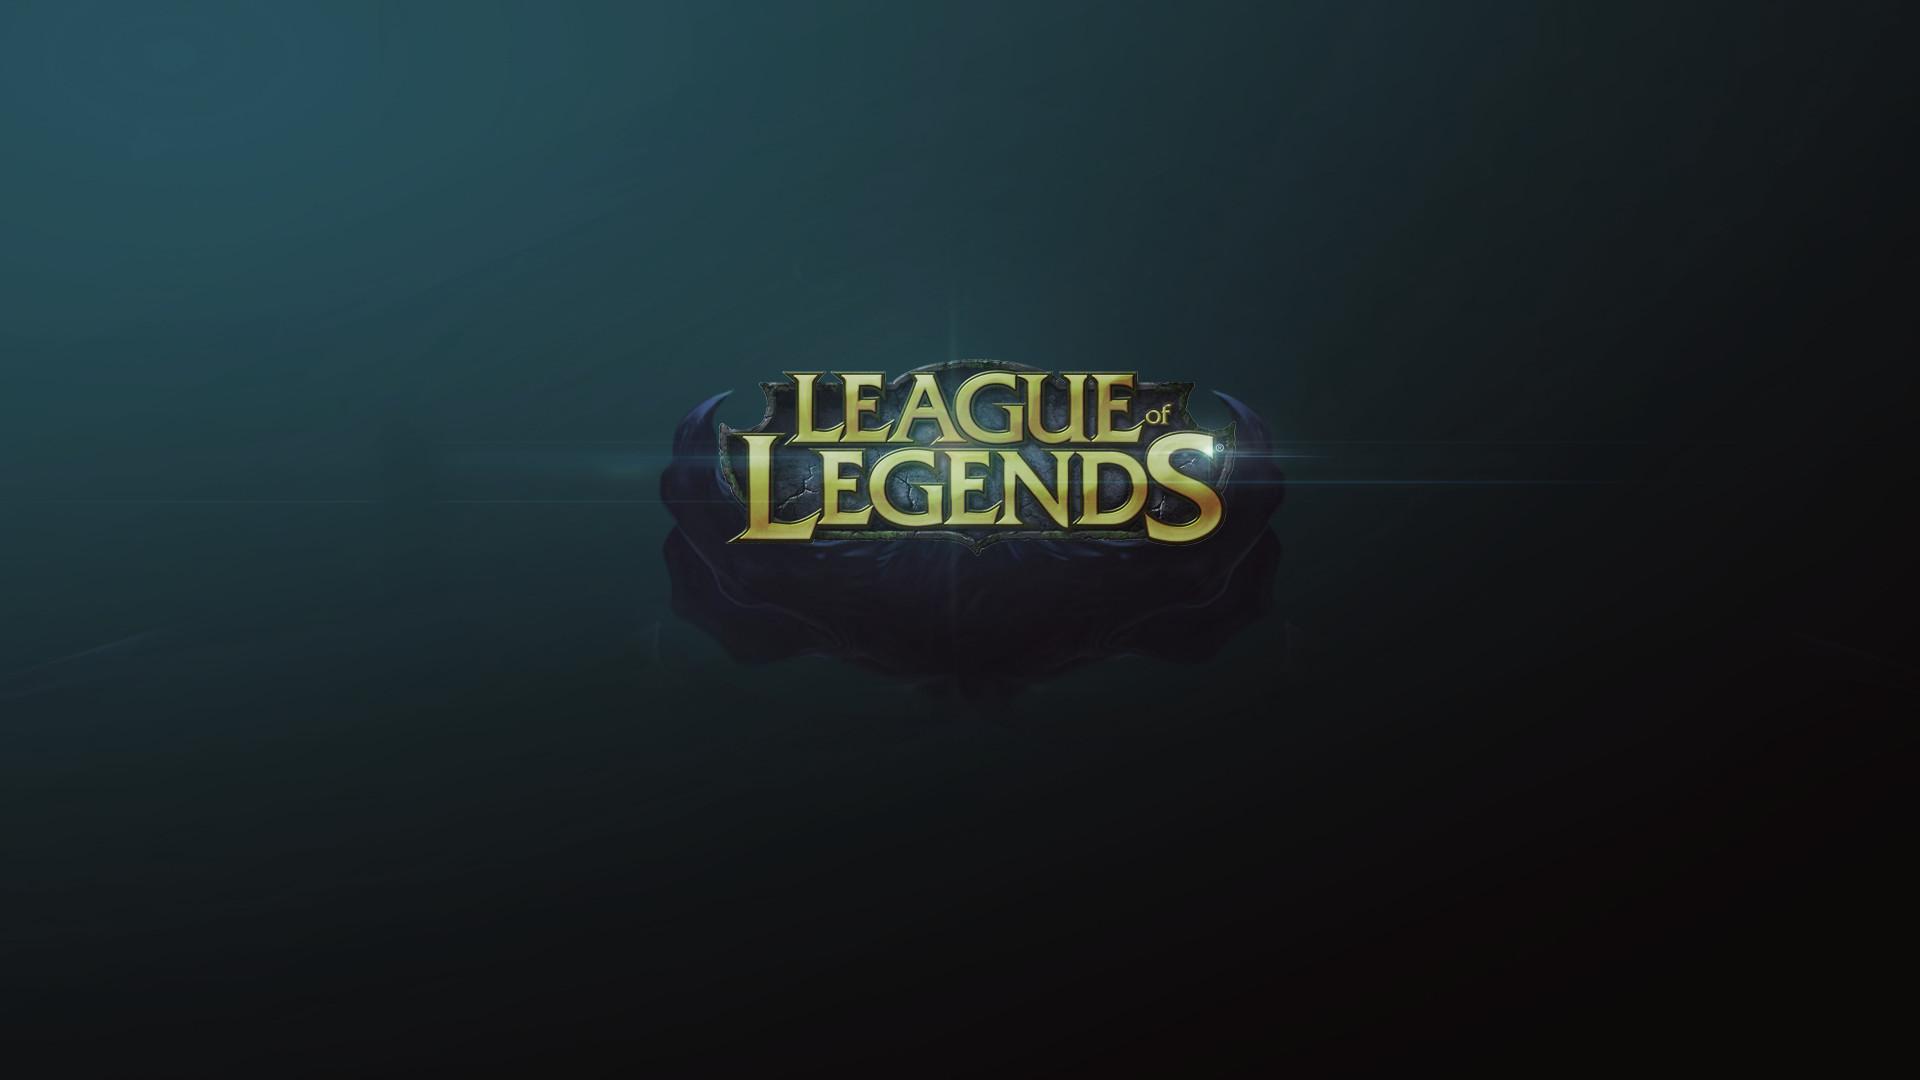 … League of legends wallpaper blue by Iliya-art